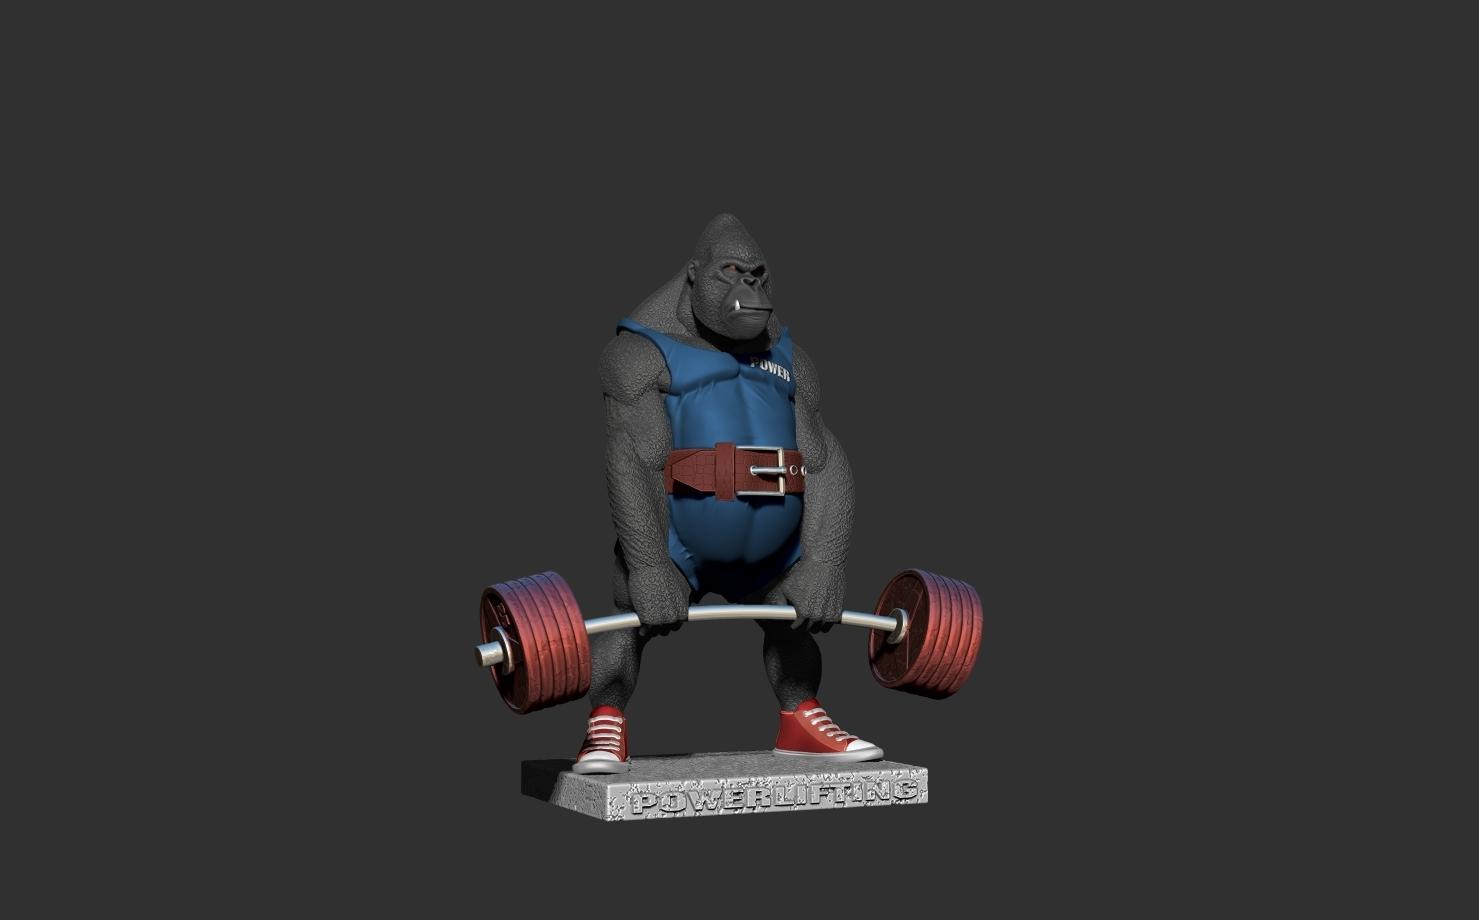 ZBrush Documentав.jpg Télécharger fichier STL gorille • Objet imprimable en 3D, dimka134russ